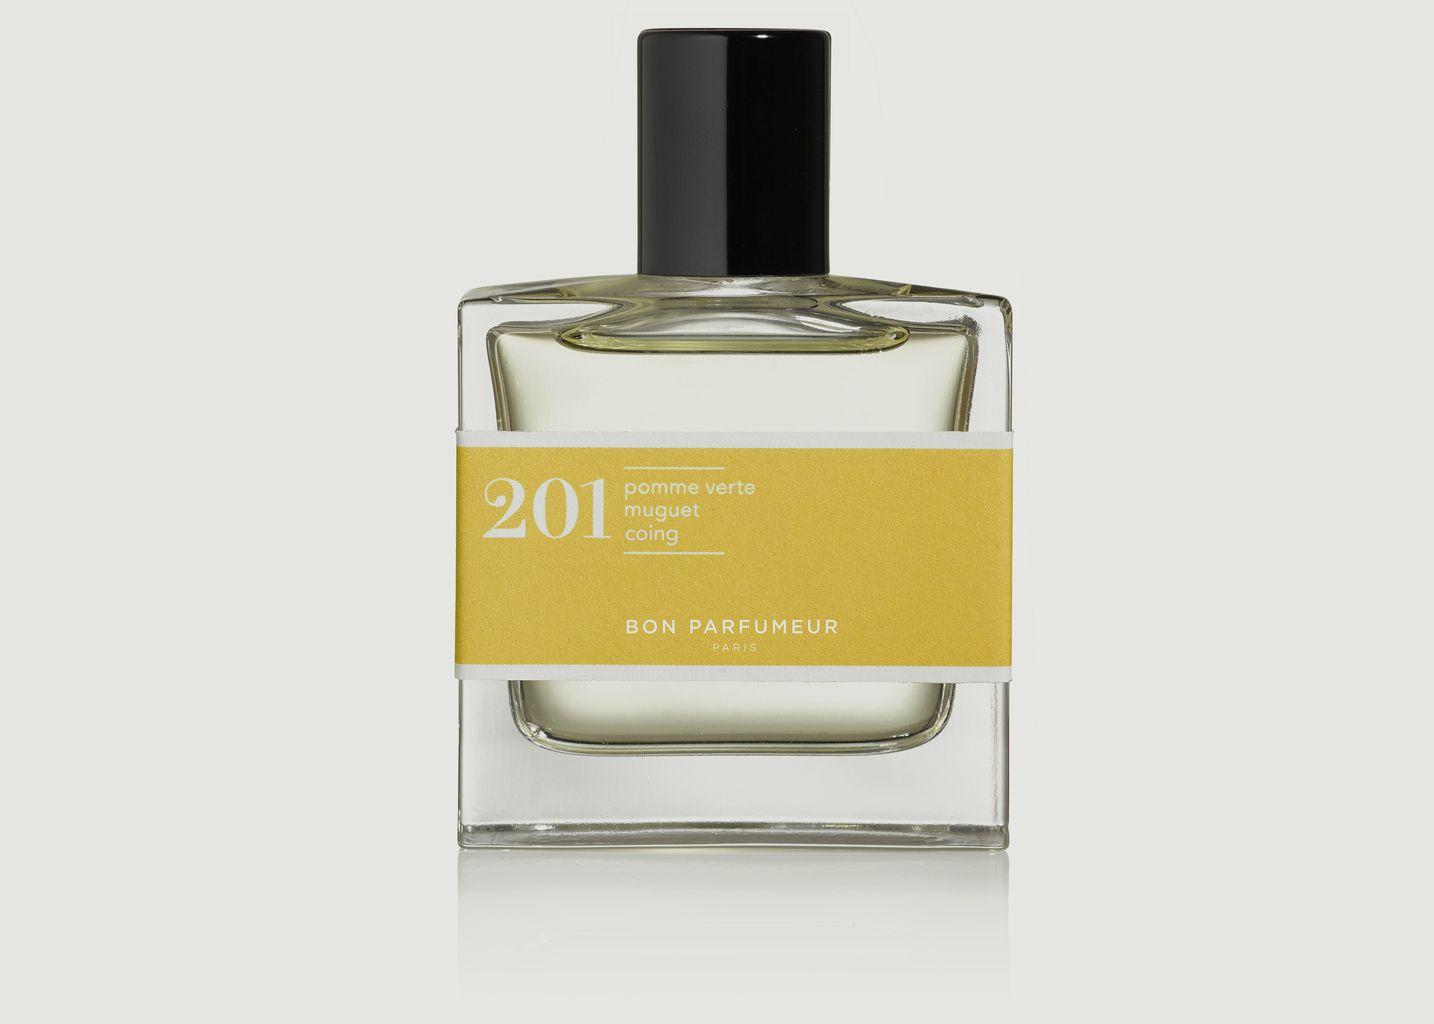 Eau de Parfum 201 - Bon Parfumeur